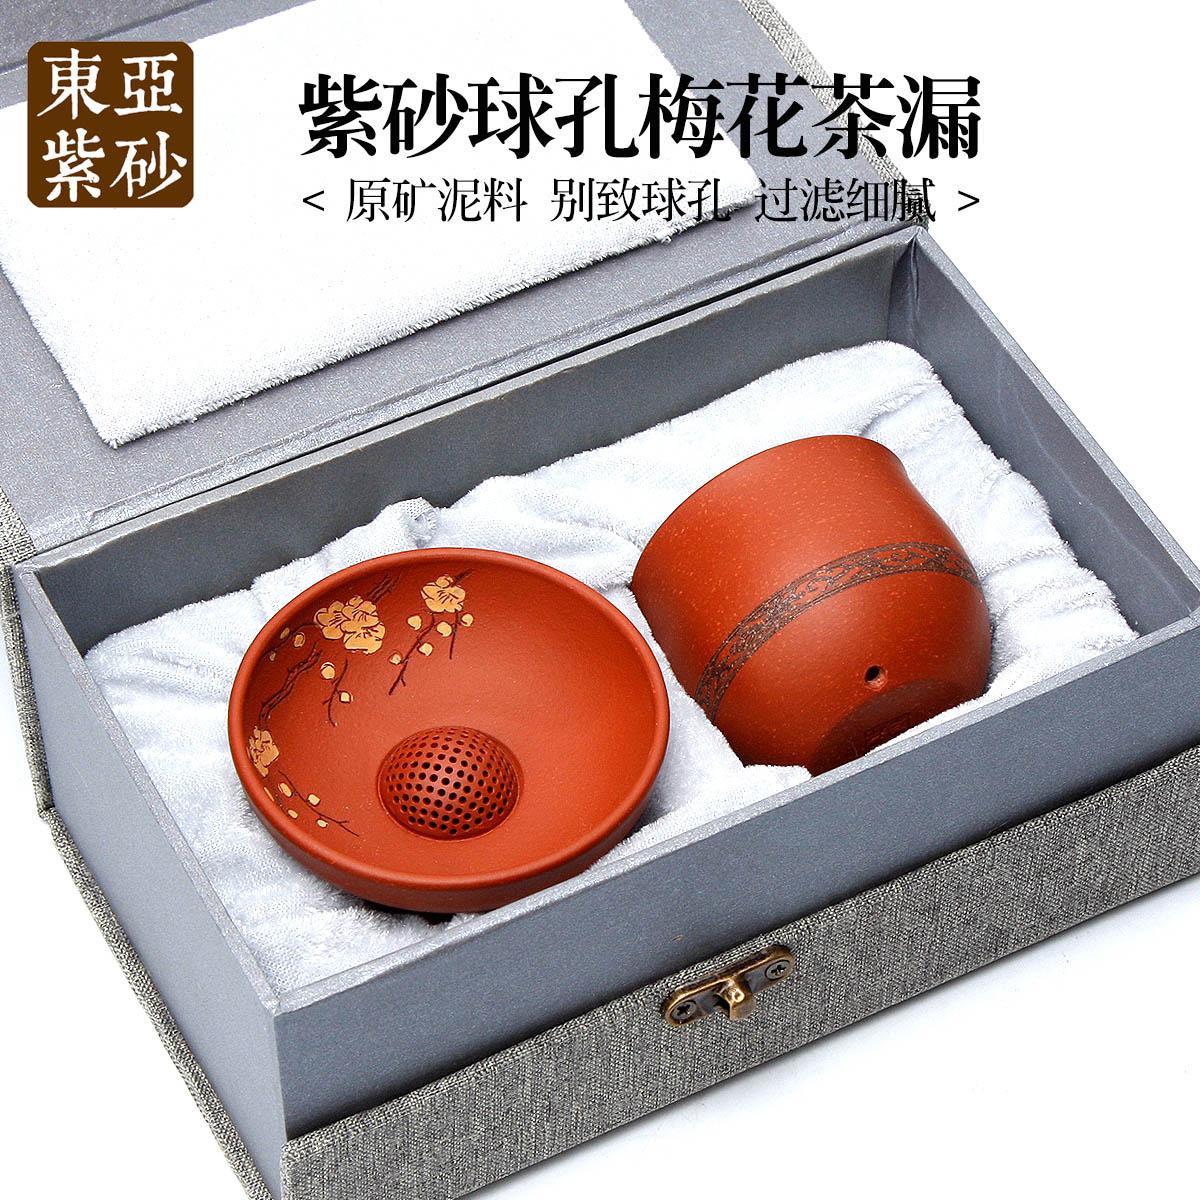 东亚球孔梅花宜兴紫砂茶漏网高款--红色清水泥